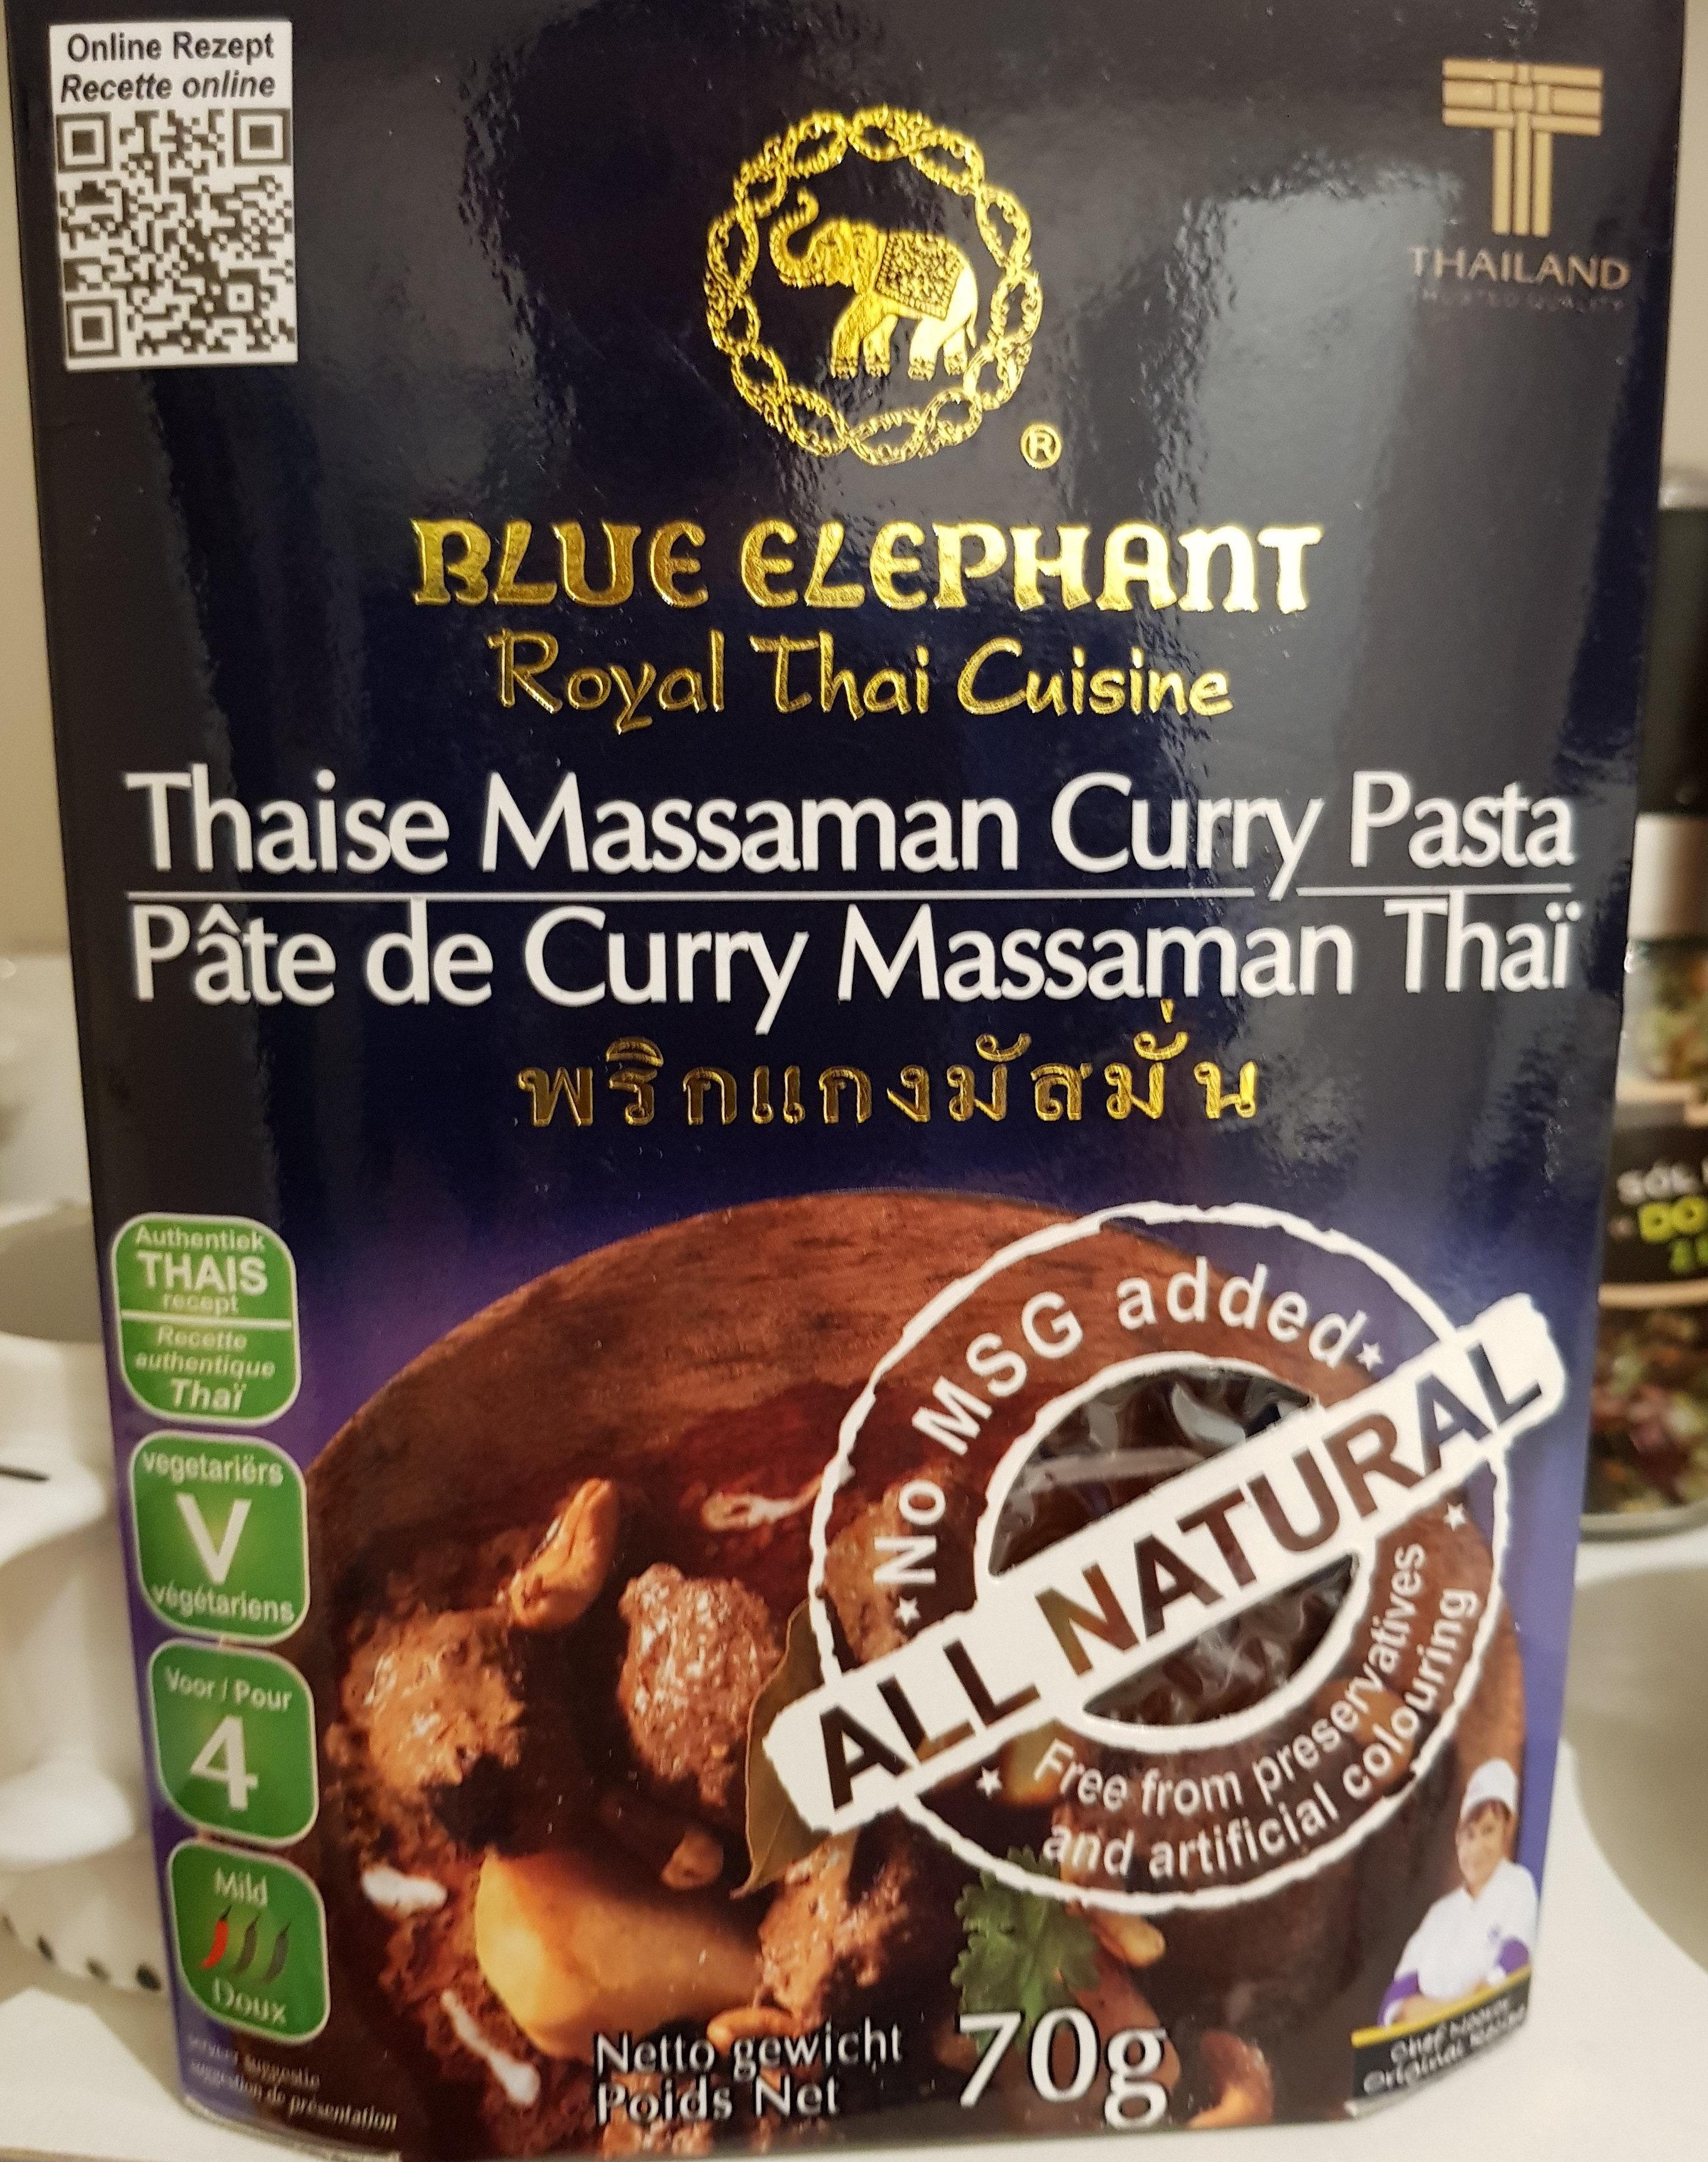 Royal Thai Cuisine Pâte de Curry Massaman Thaï - Product